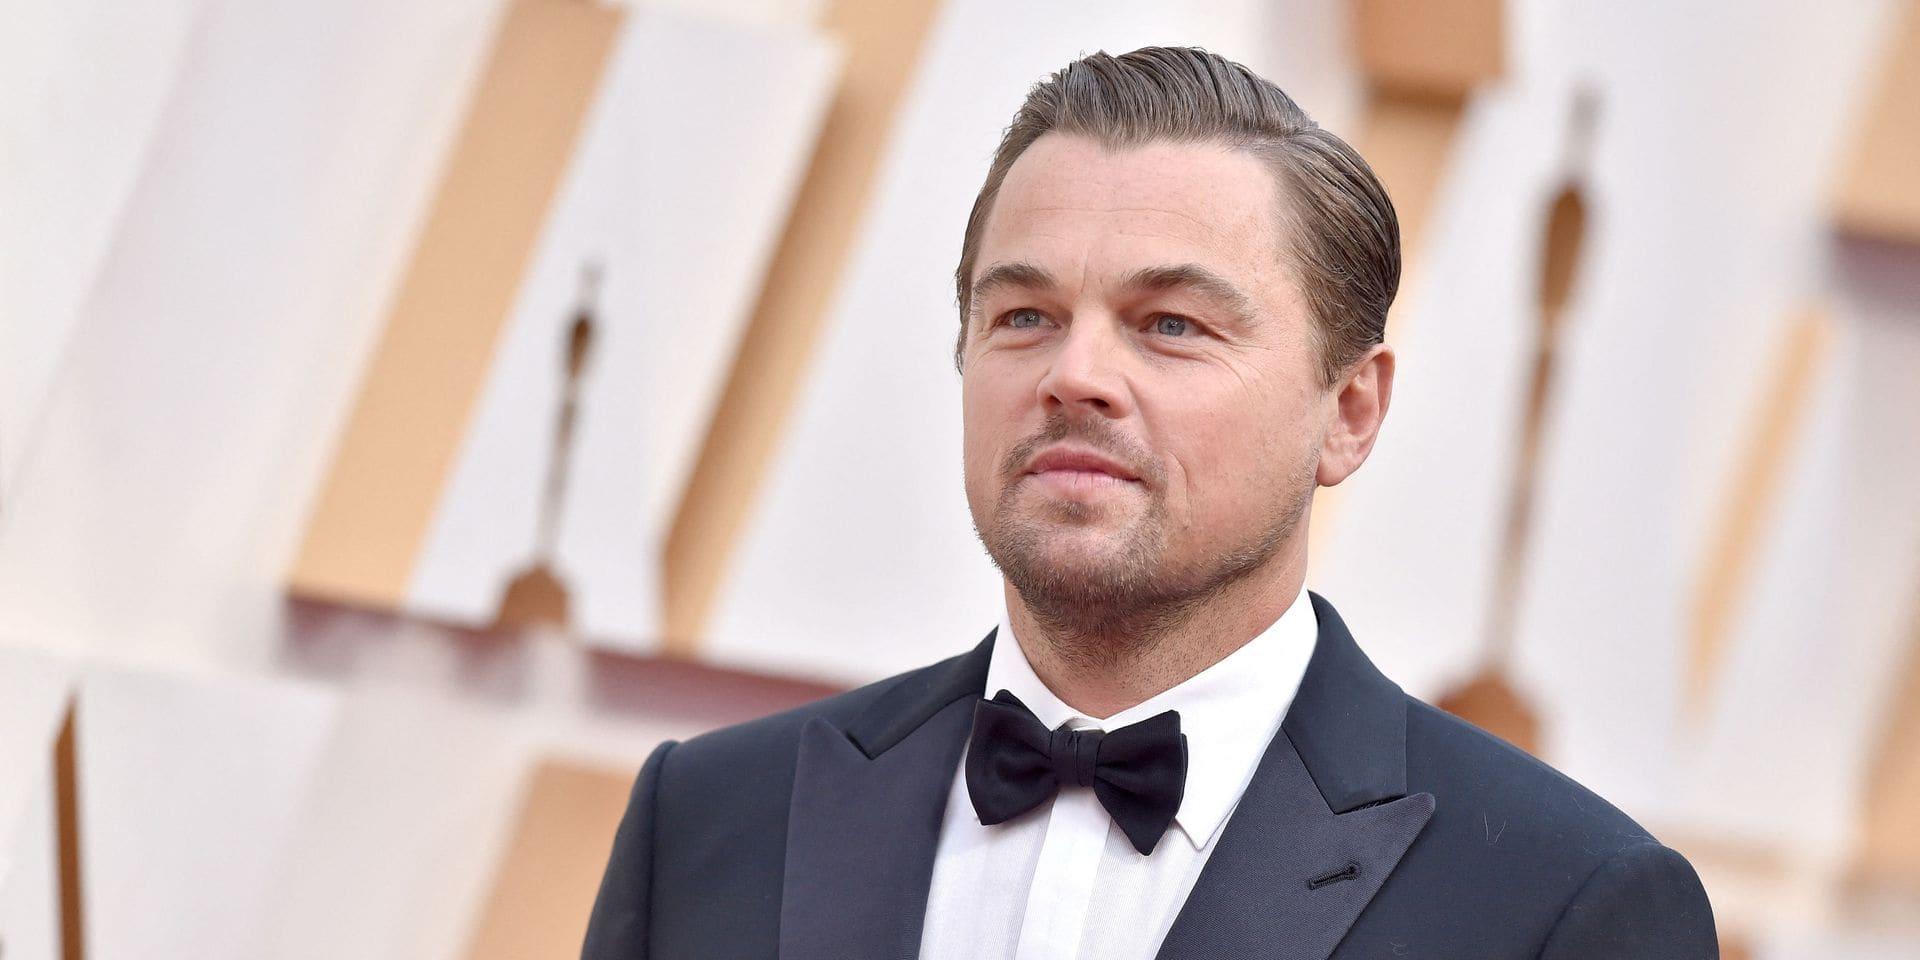 Grand défenseur de la cause animale, Leonardo DiCaprio investit dans une entreprise néerlandaise de viande artificielle